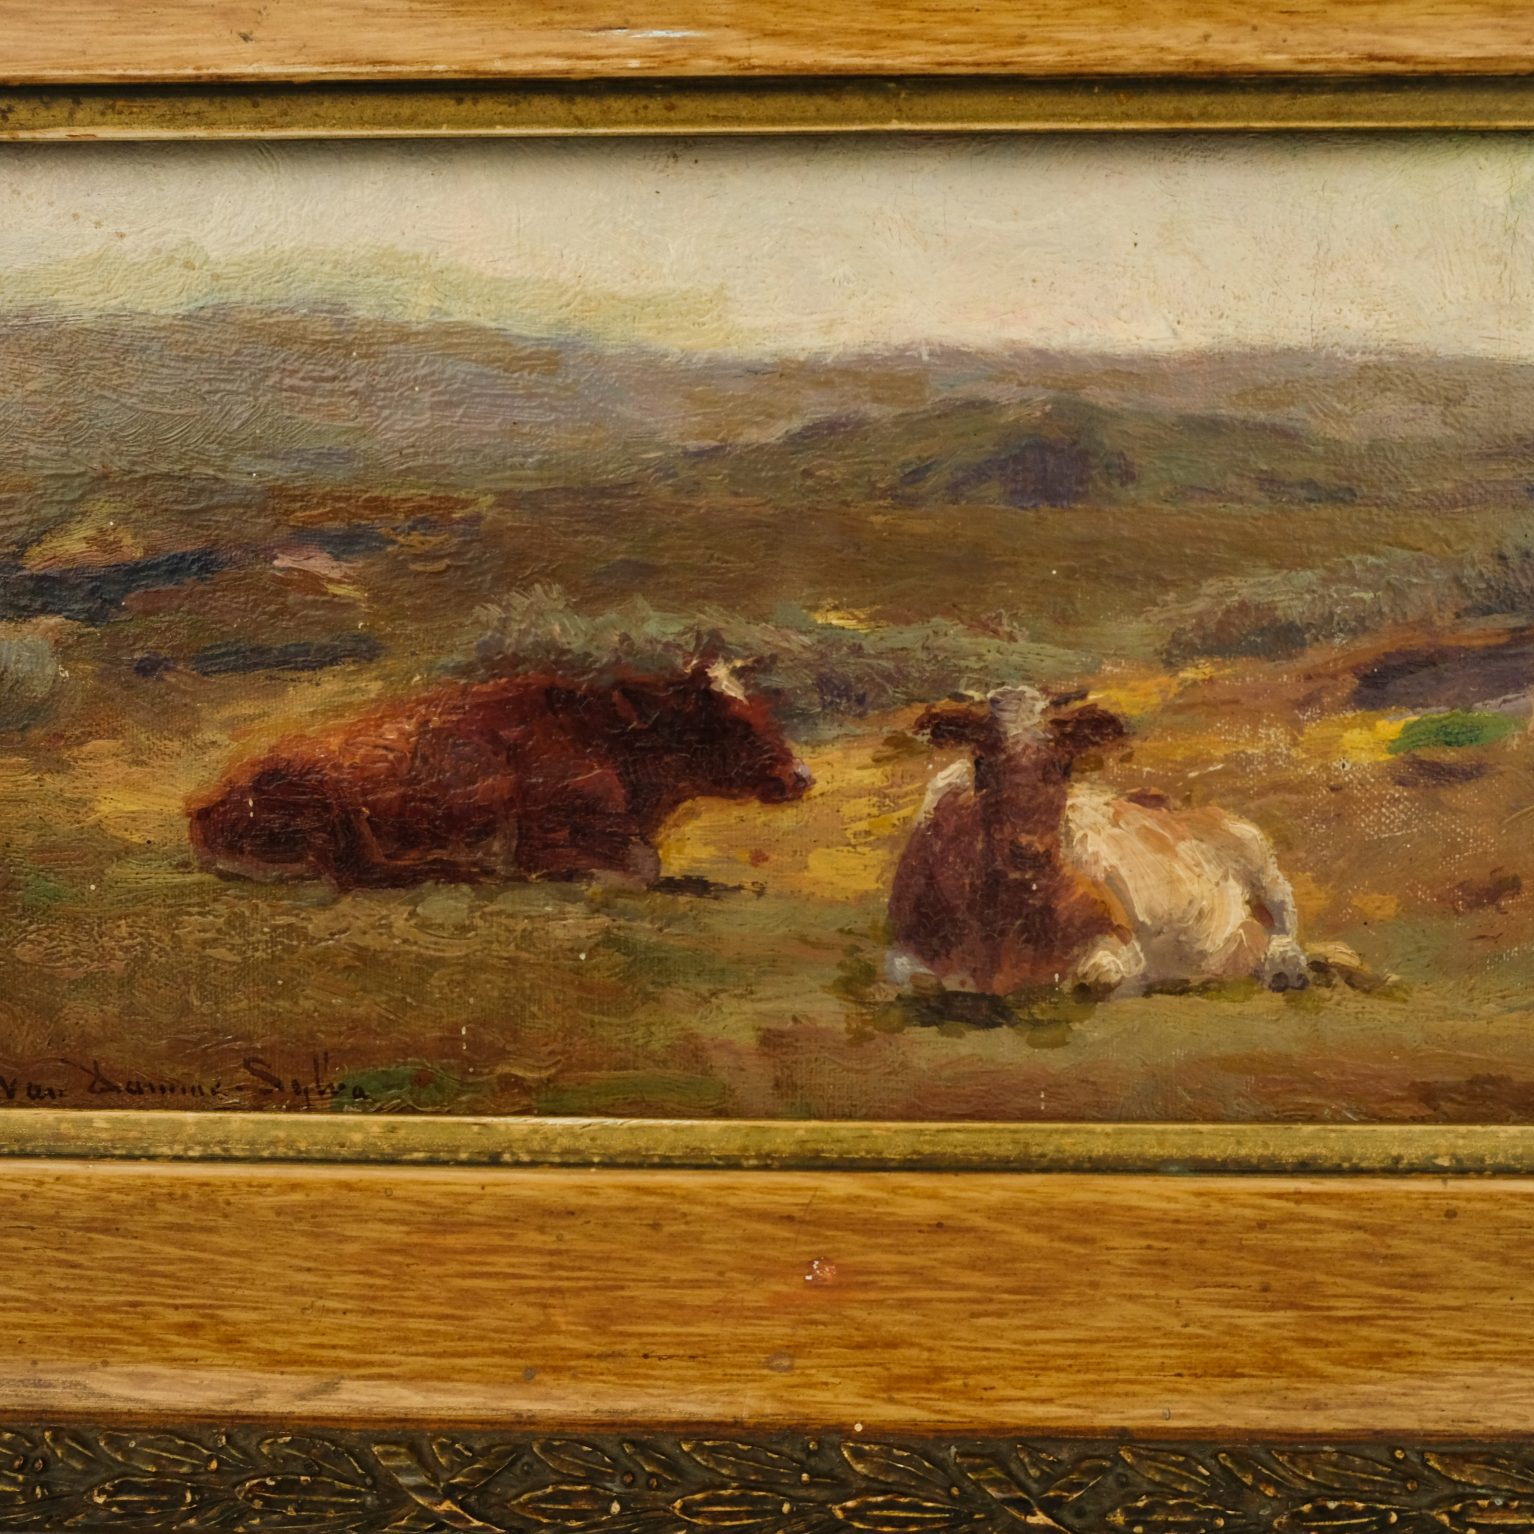 Emile van Damme-Sylva (1853-1935) – Koeien in het veld